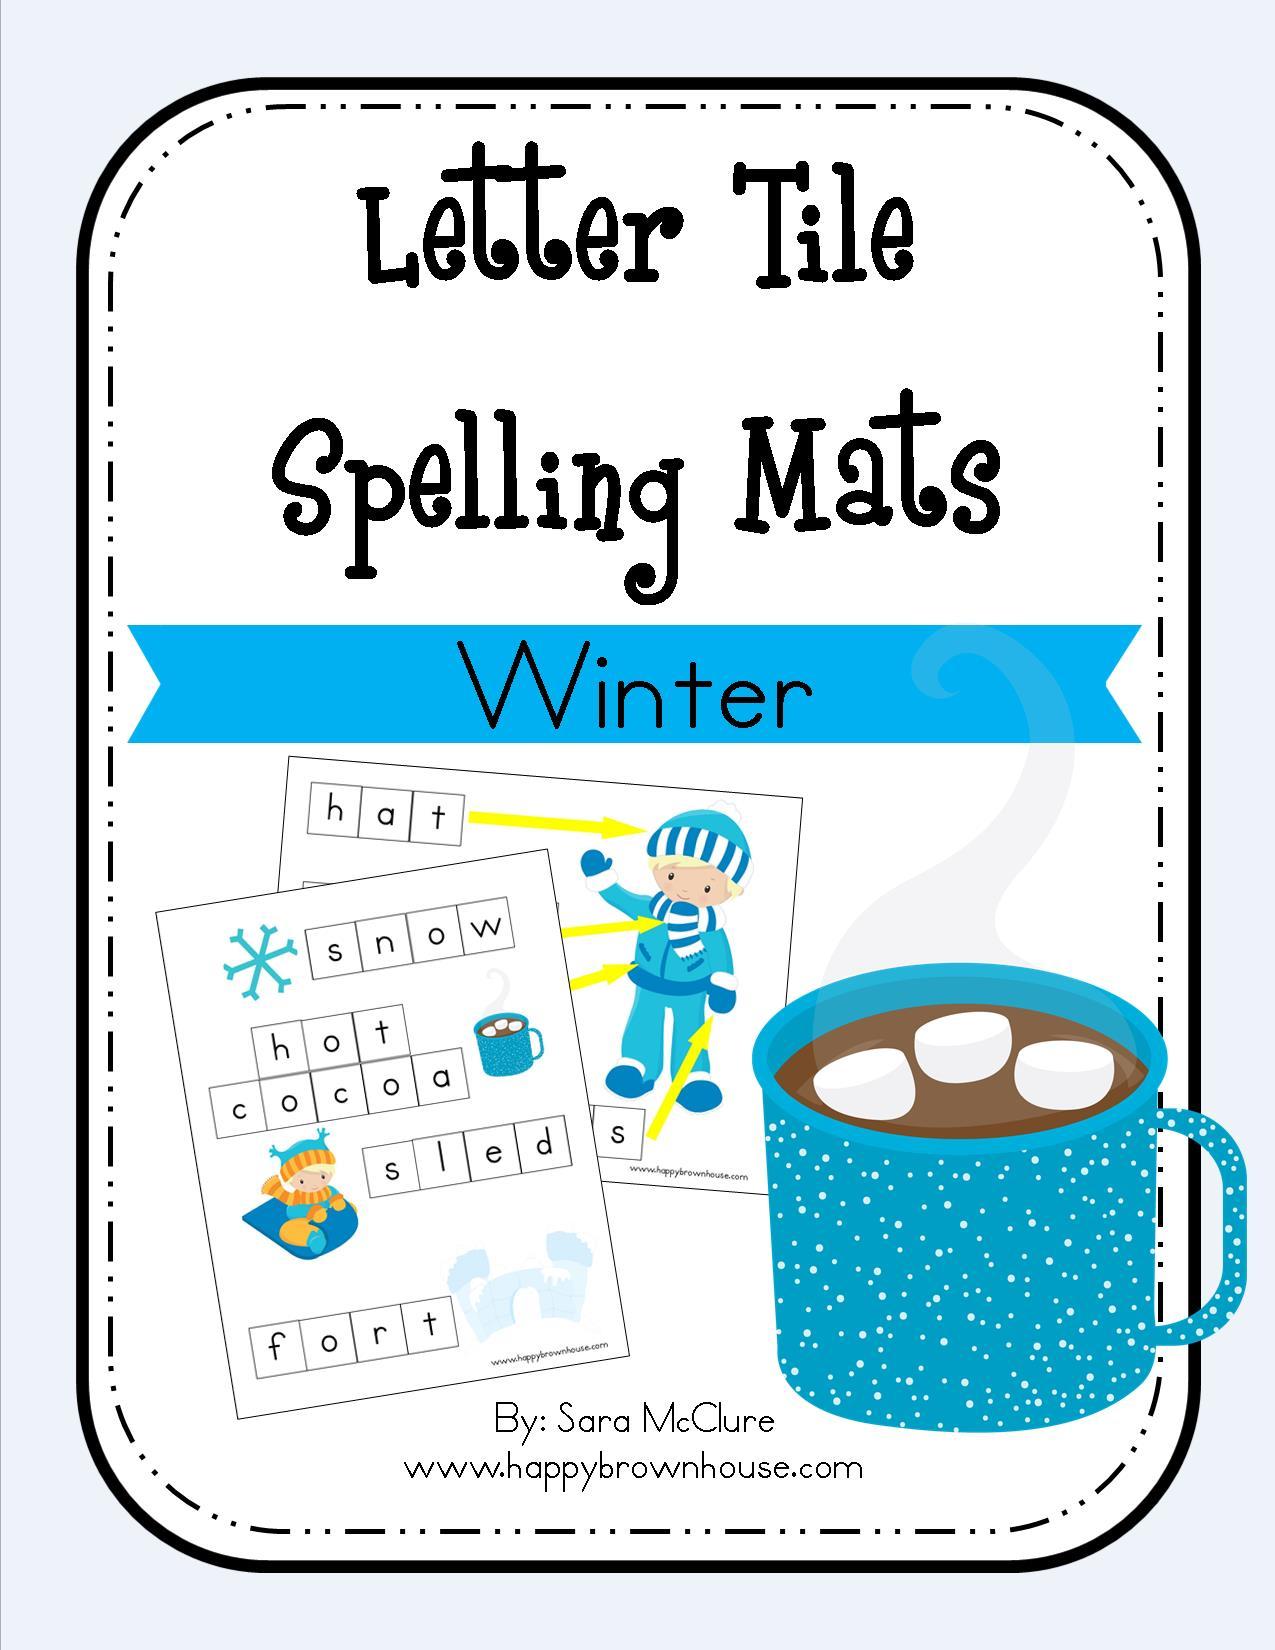 Winter Letter Tile Spelling Mat